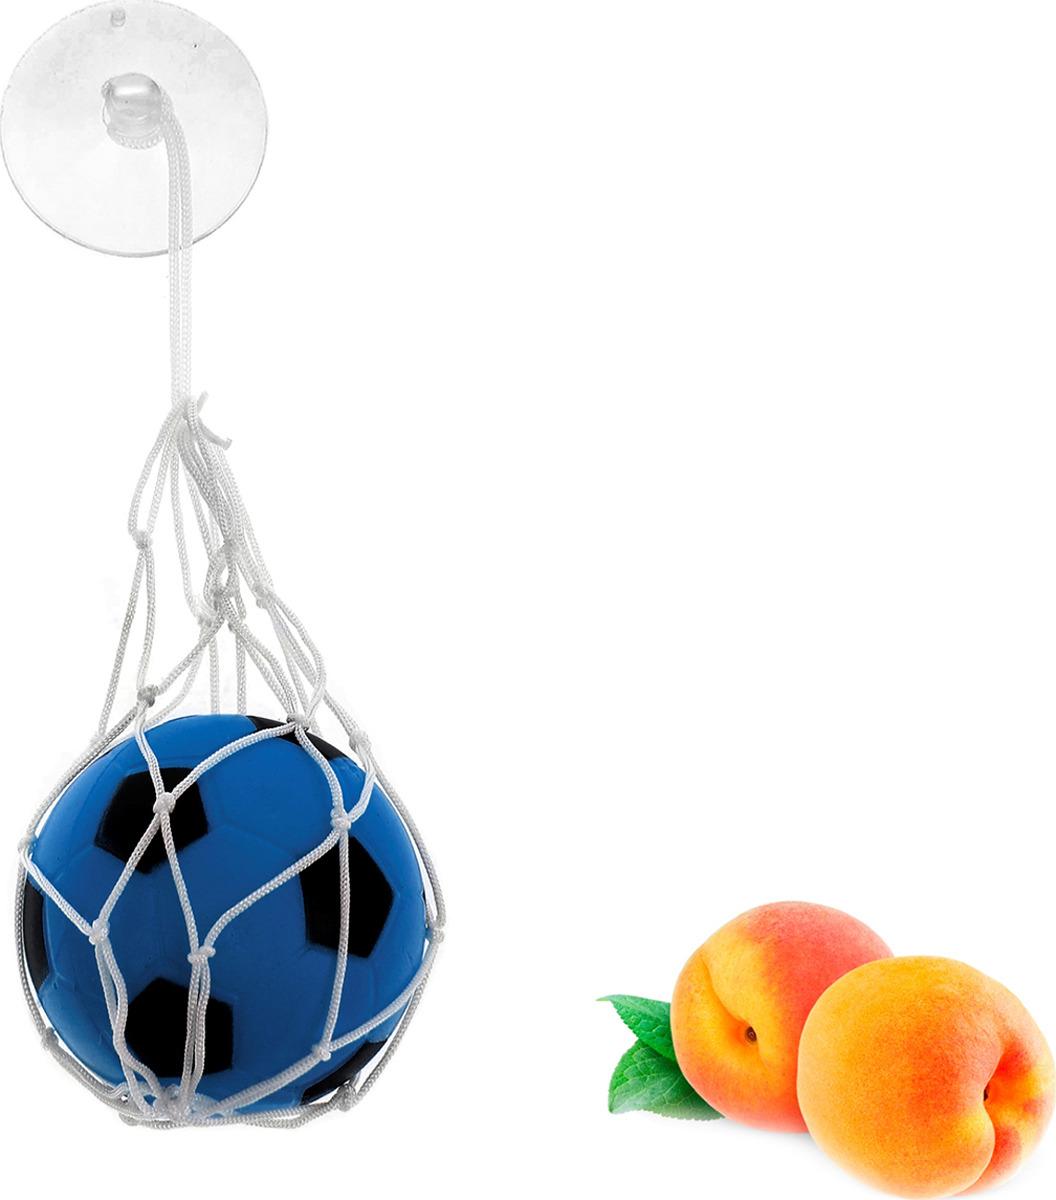 Ароматизатор автомобильный Luazon Футбольный мяч, персик, под сиденье, 805475, синий гирлянда luazon метраж футбольный мяч 5m ed 20 220v white 2433913